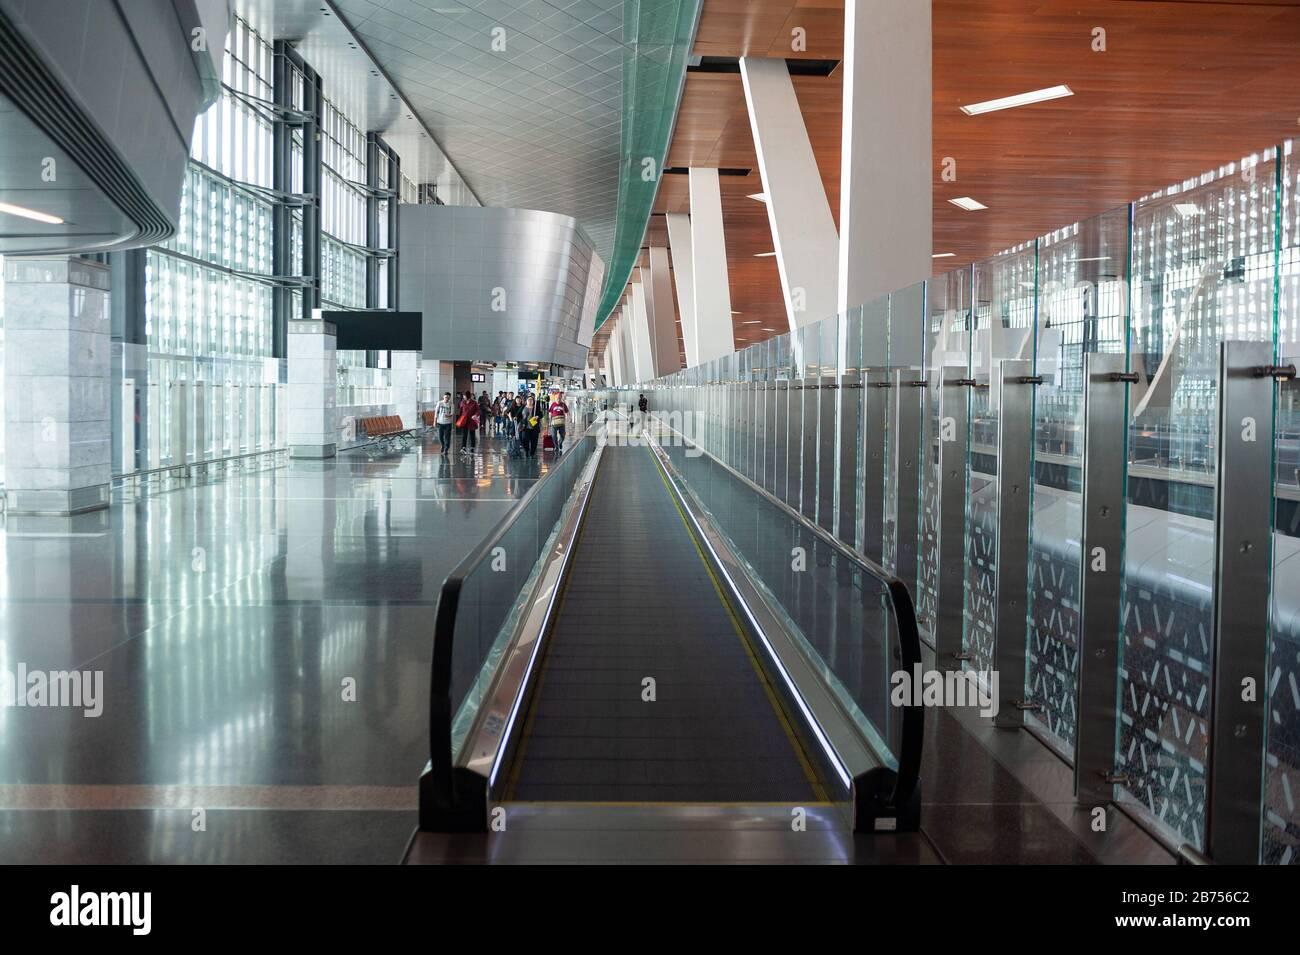 05.06.2019, Doha, Qatar - vue intérieure du nouvel aéroport international de Hamad. [traduction automatique] Banque D'Images